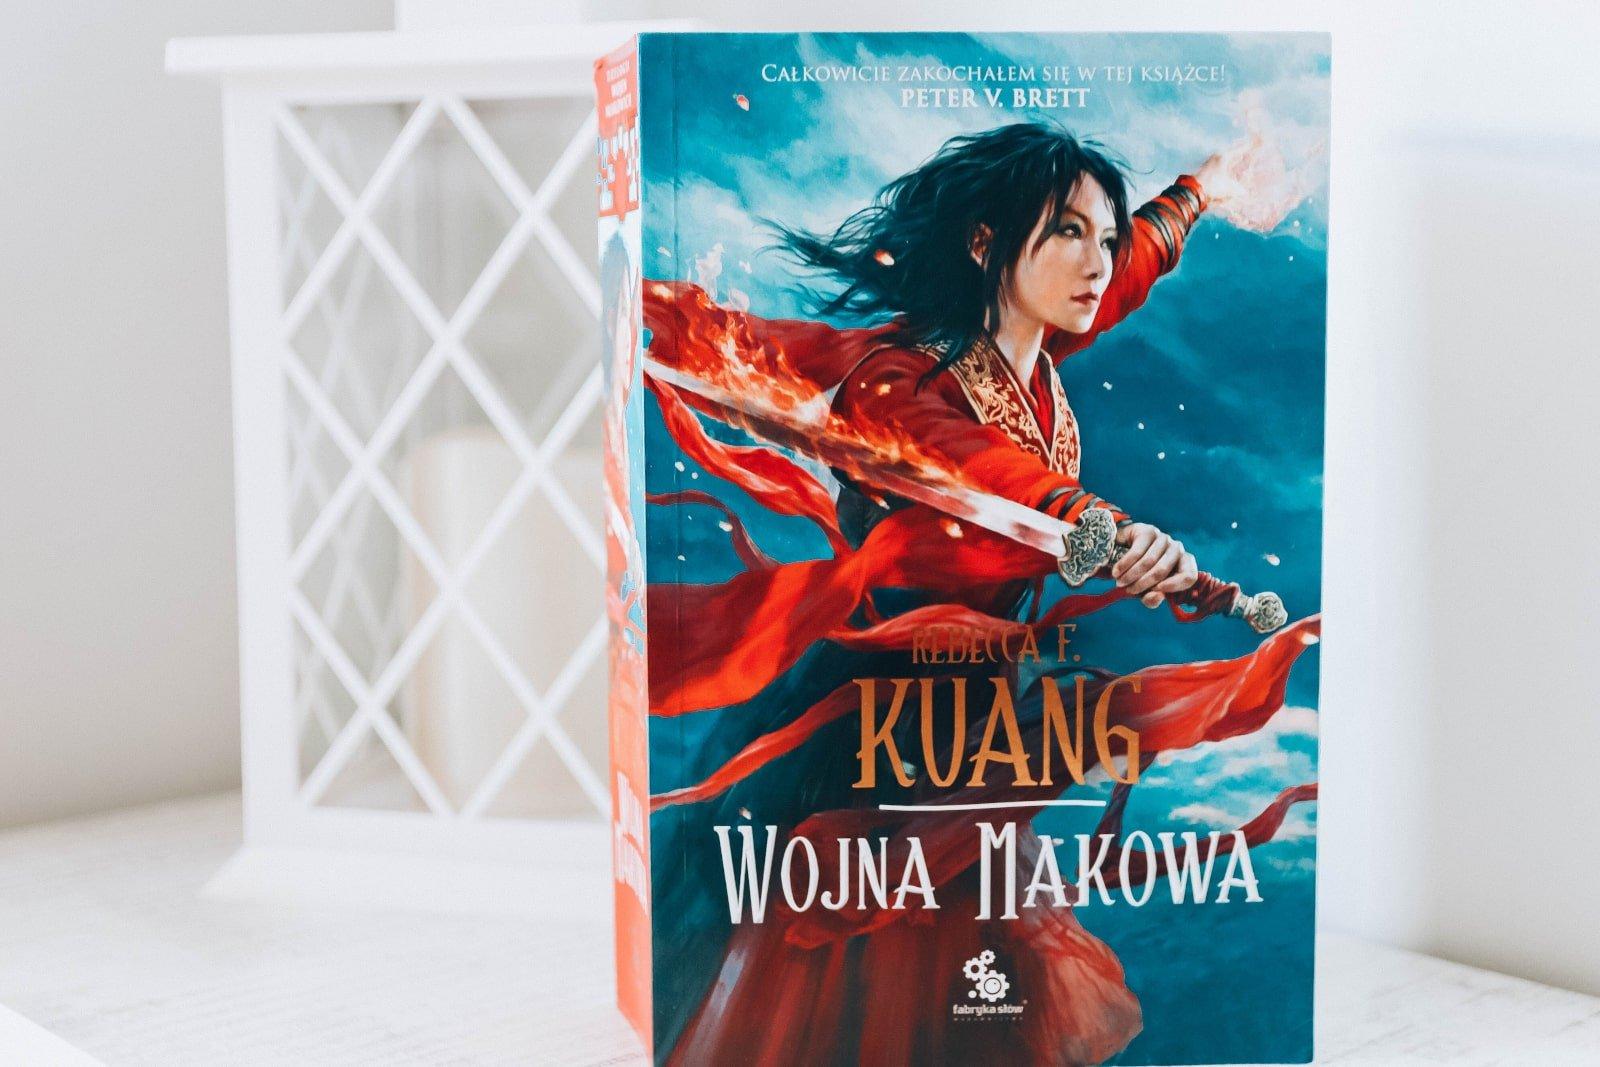 Wojna makowa - Rebecca F. Kuang